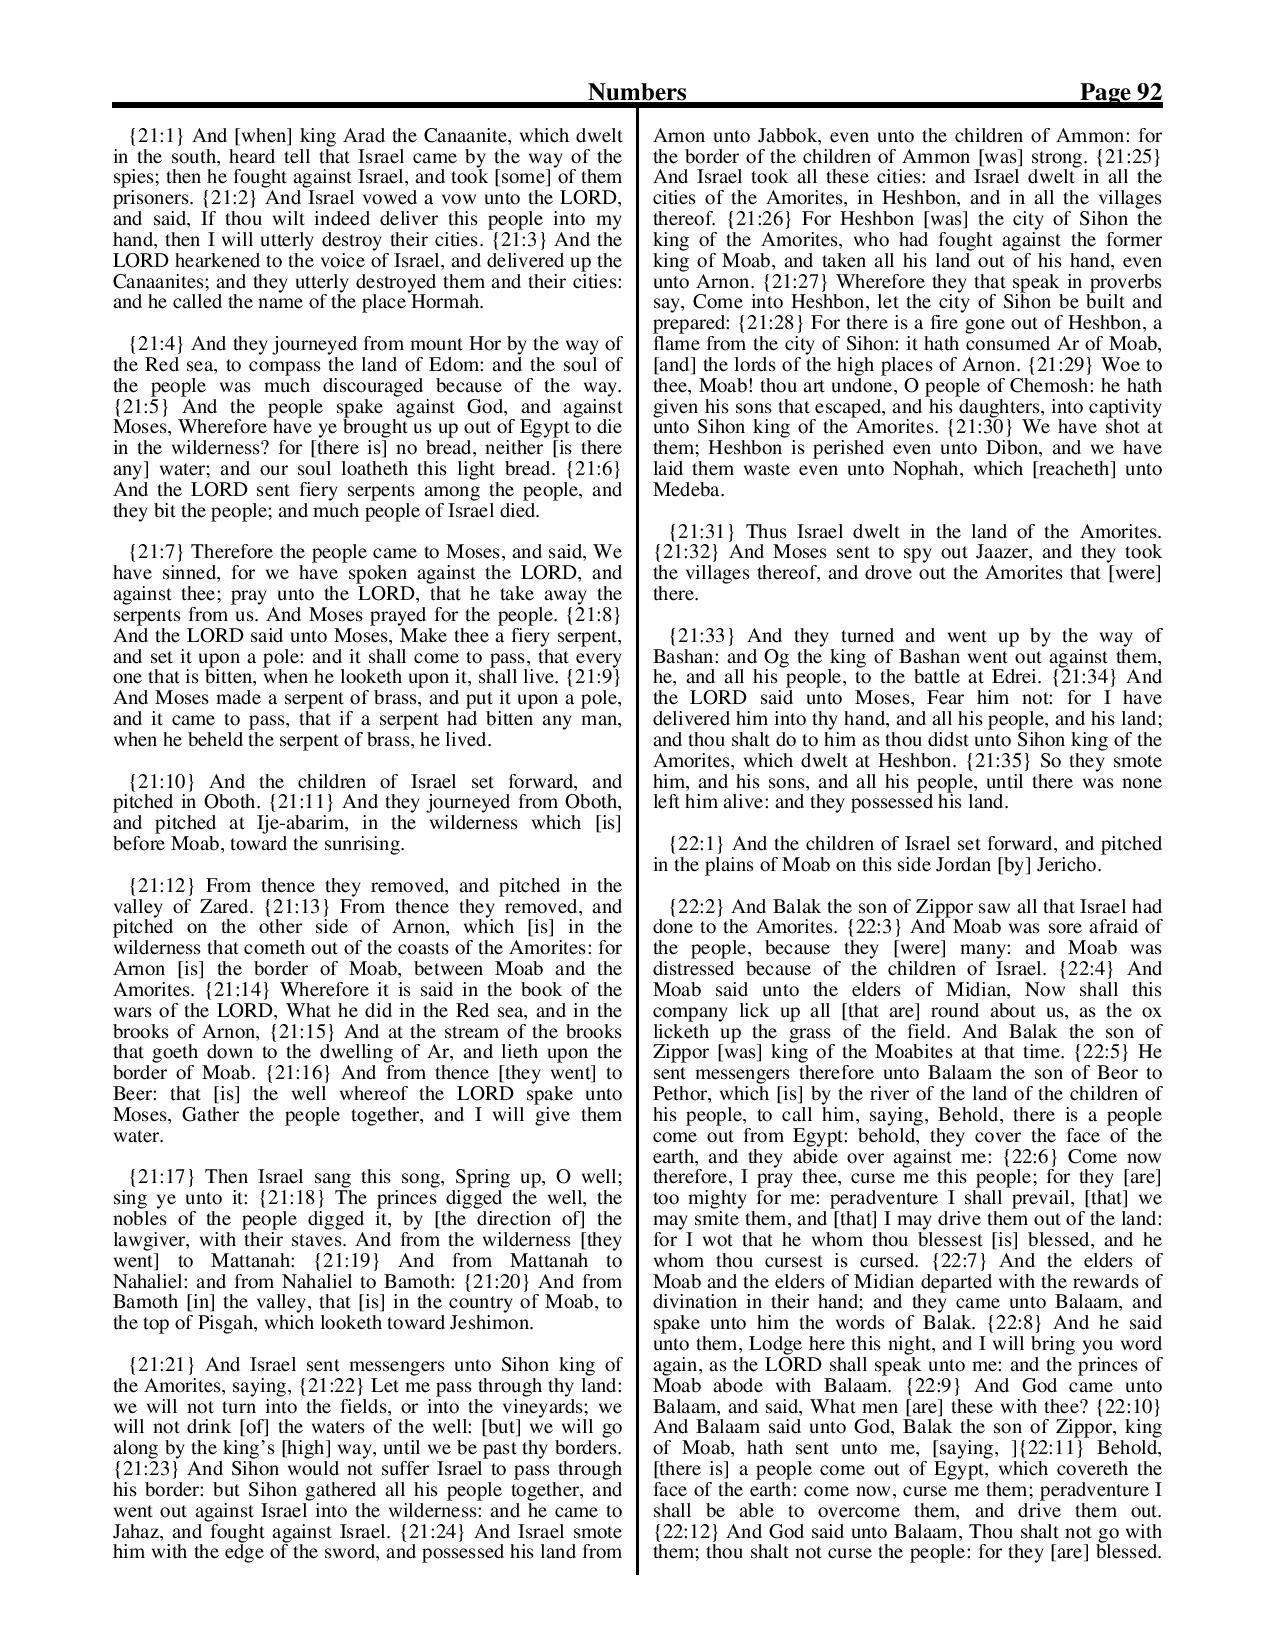 King-James-Bible-KJV-Bible-PDF-page-113